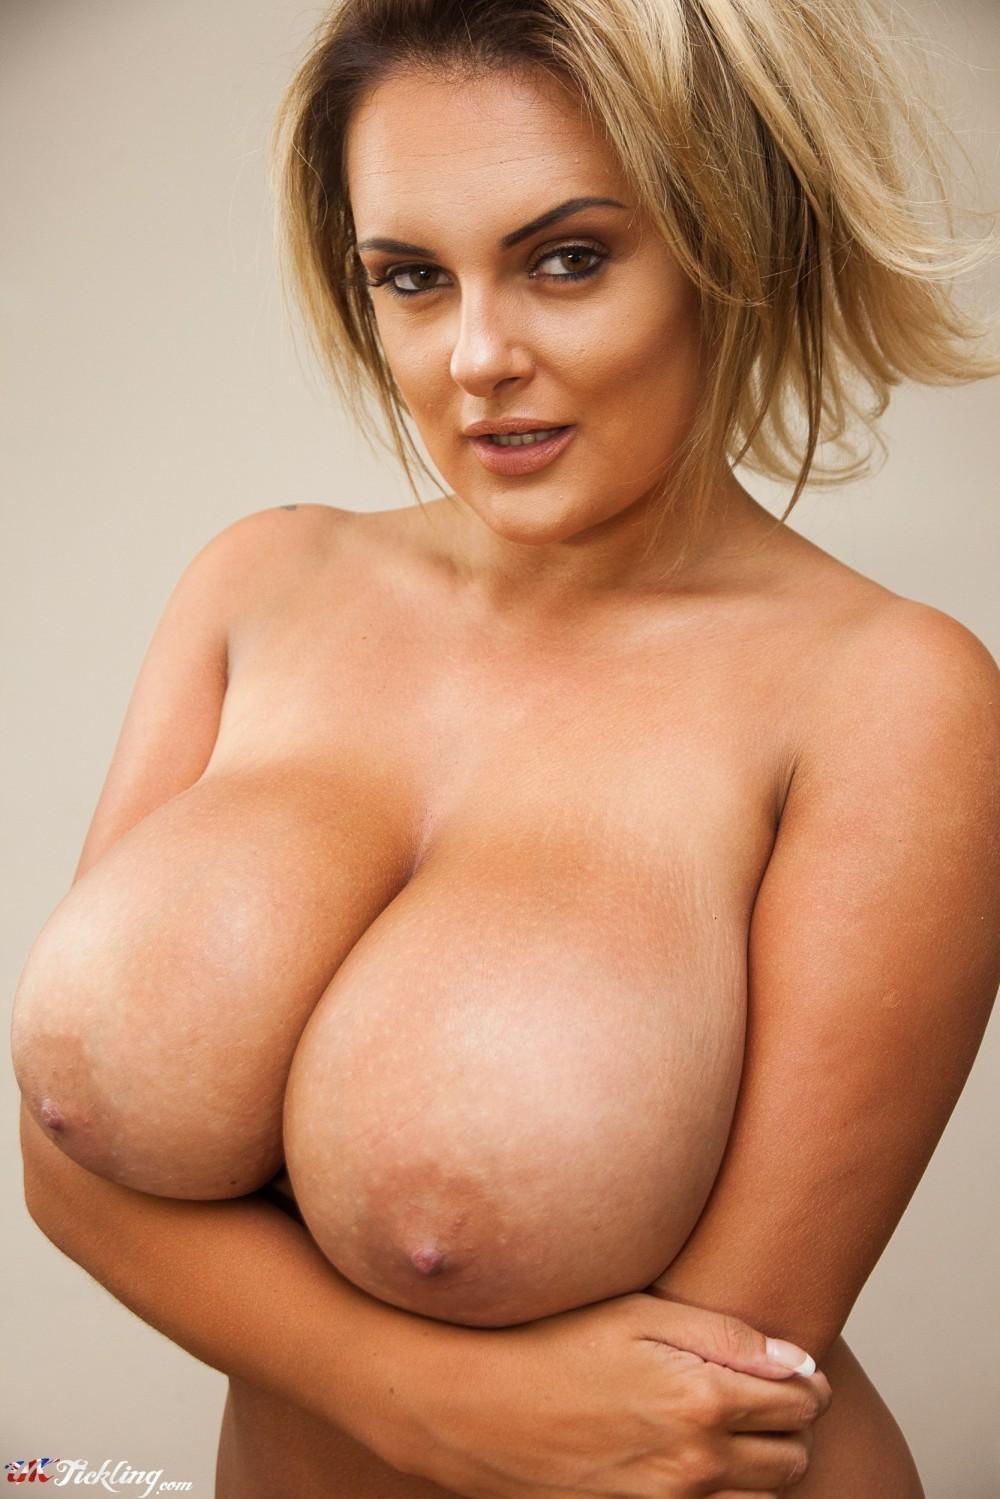 Know, katie thornton naked opinion